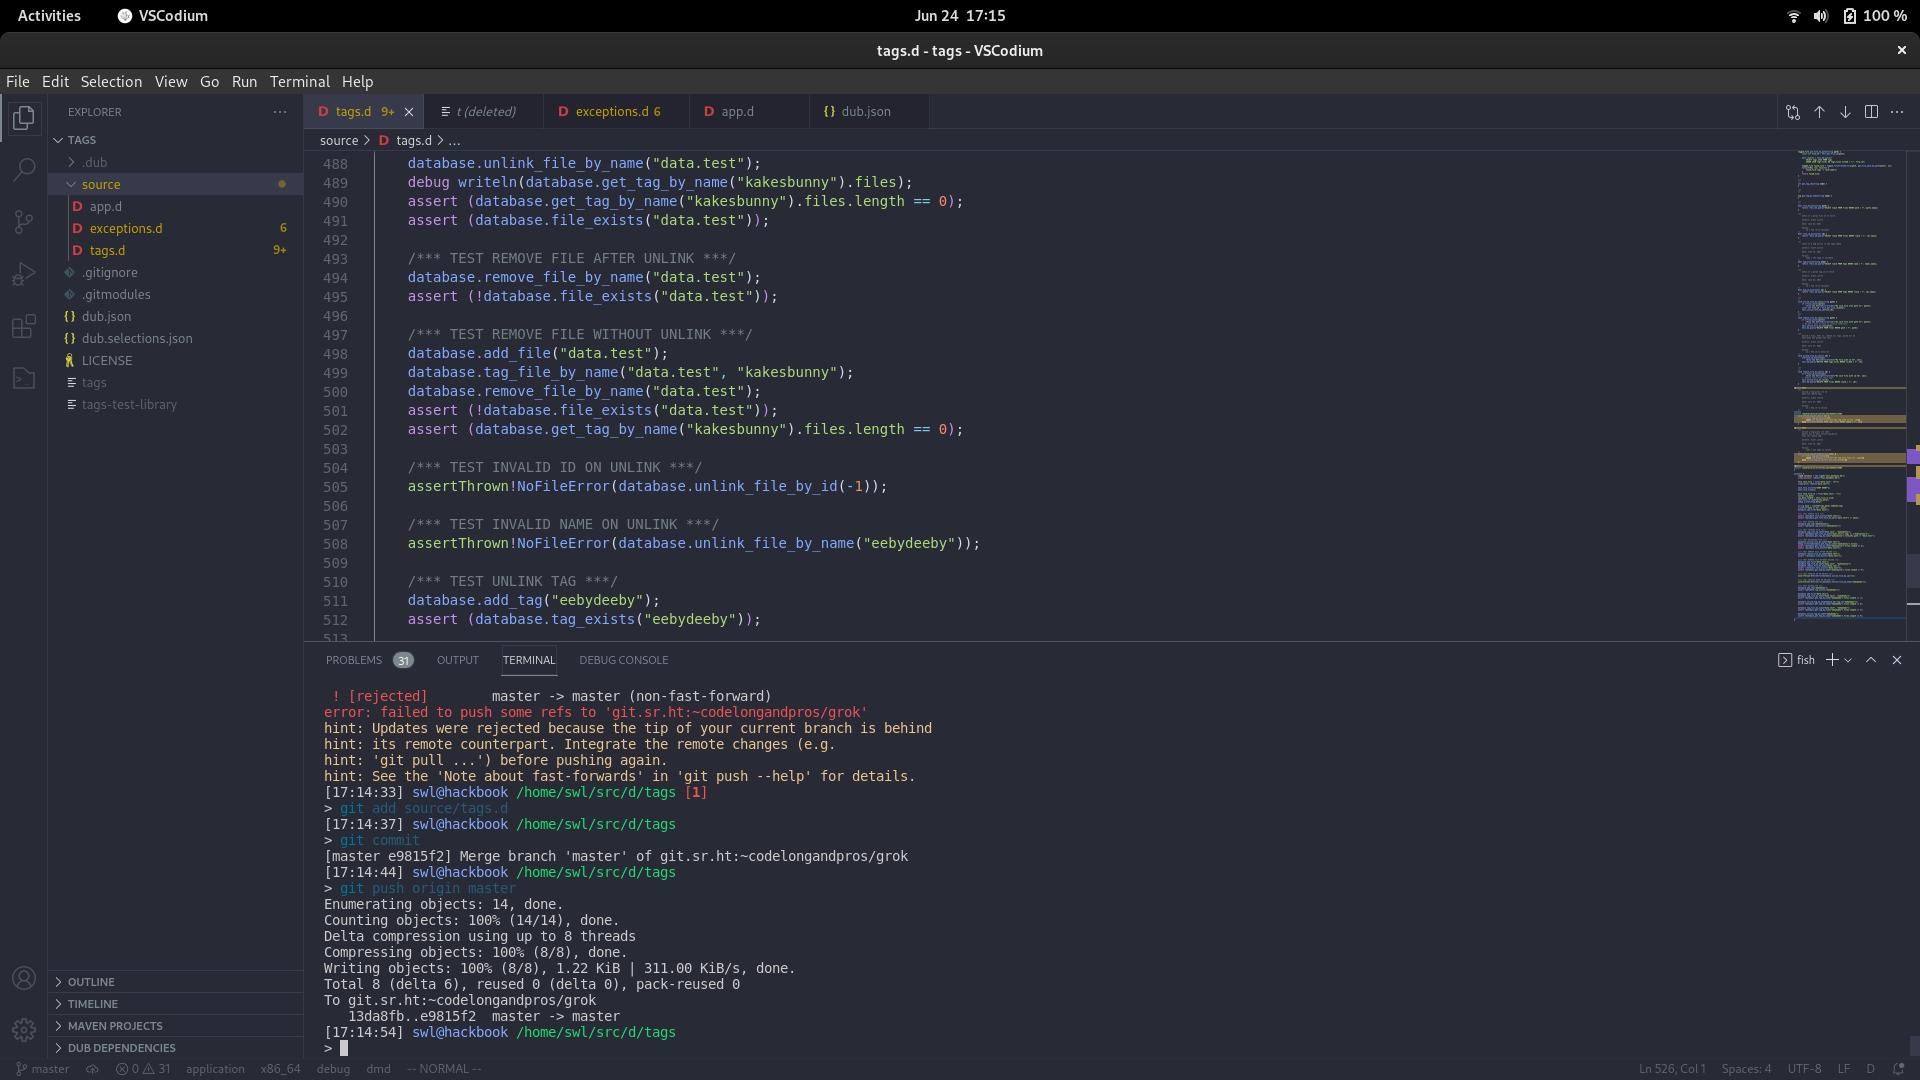 https://cloud-d0y2a48sy-hack-club-bot.vercel.app/0image.png